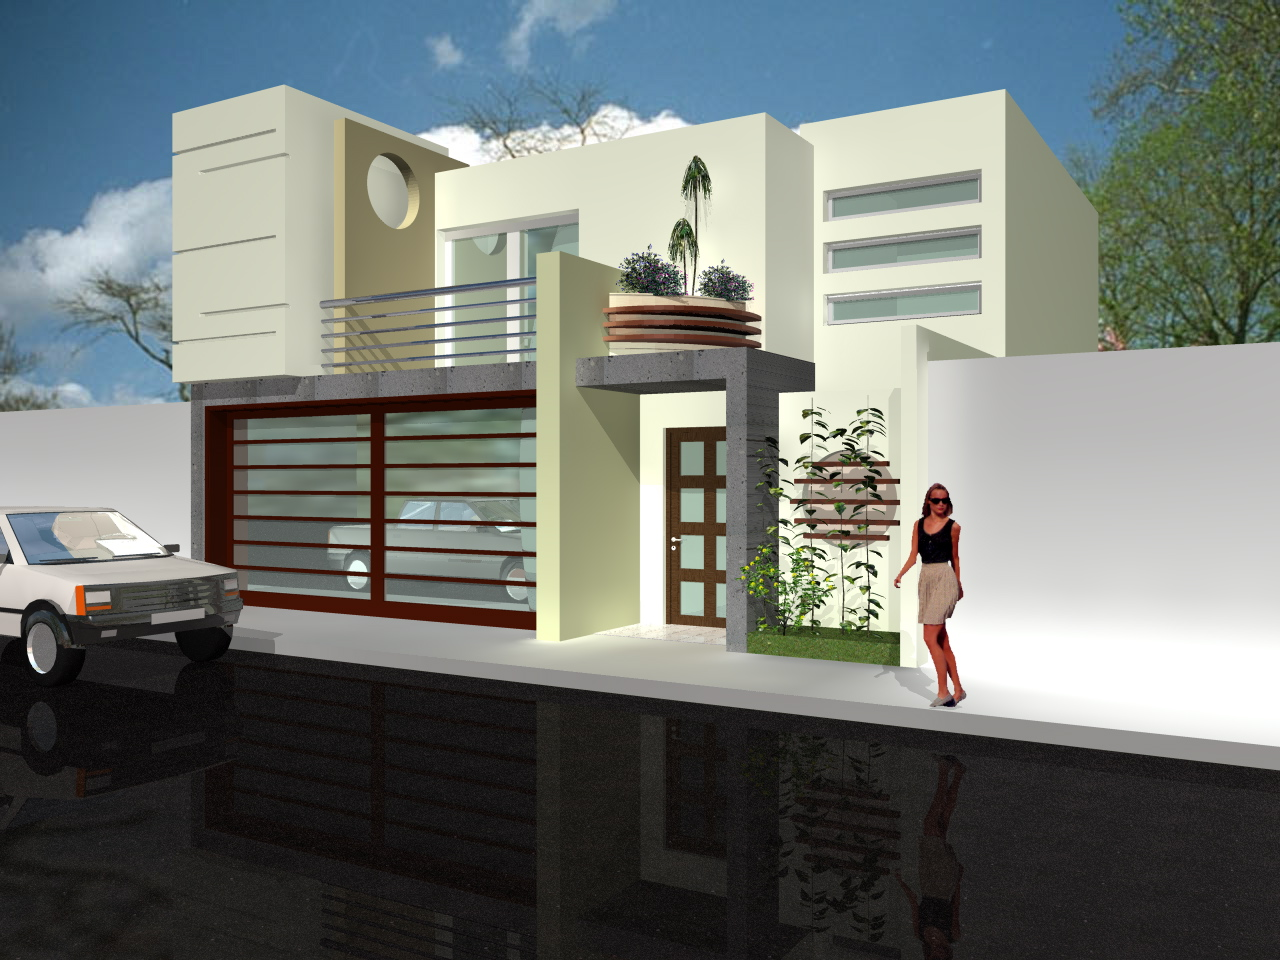 Share bienes raices casas en venta tipologias for Cocheras minimalistas